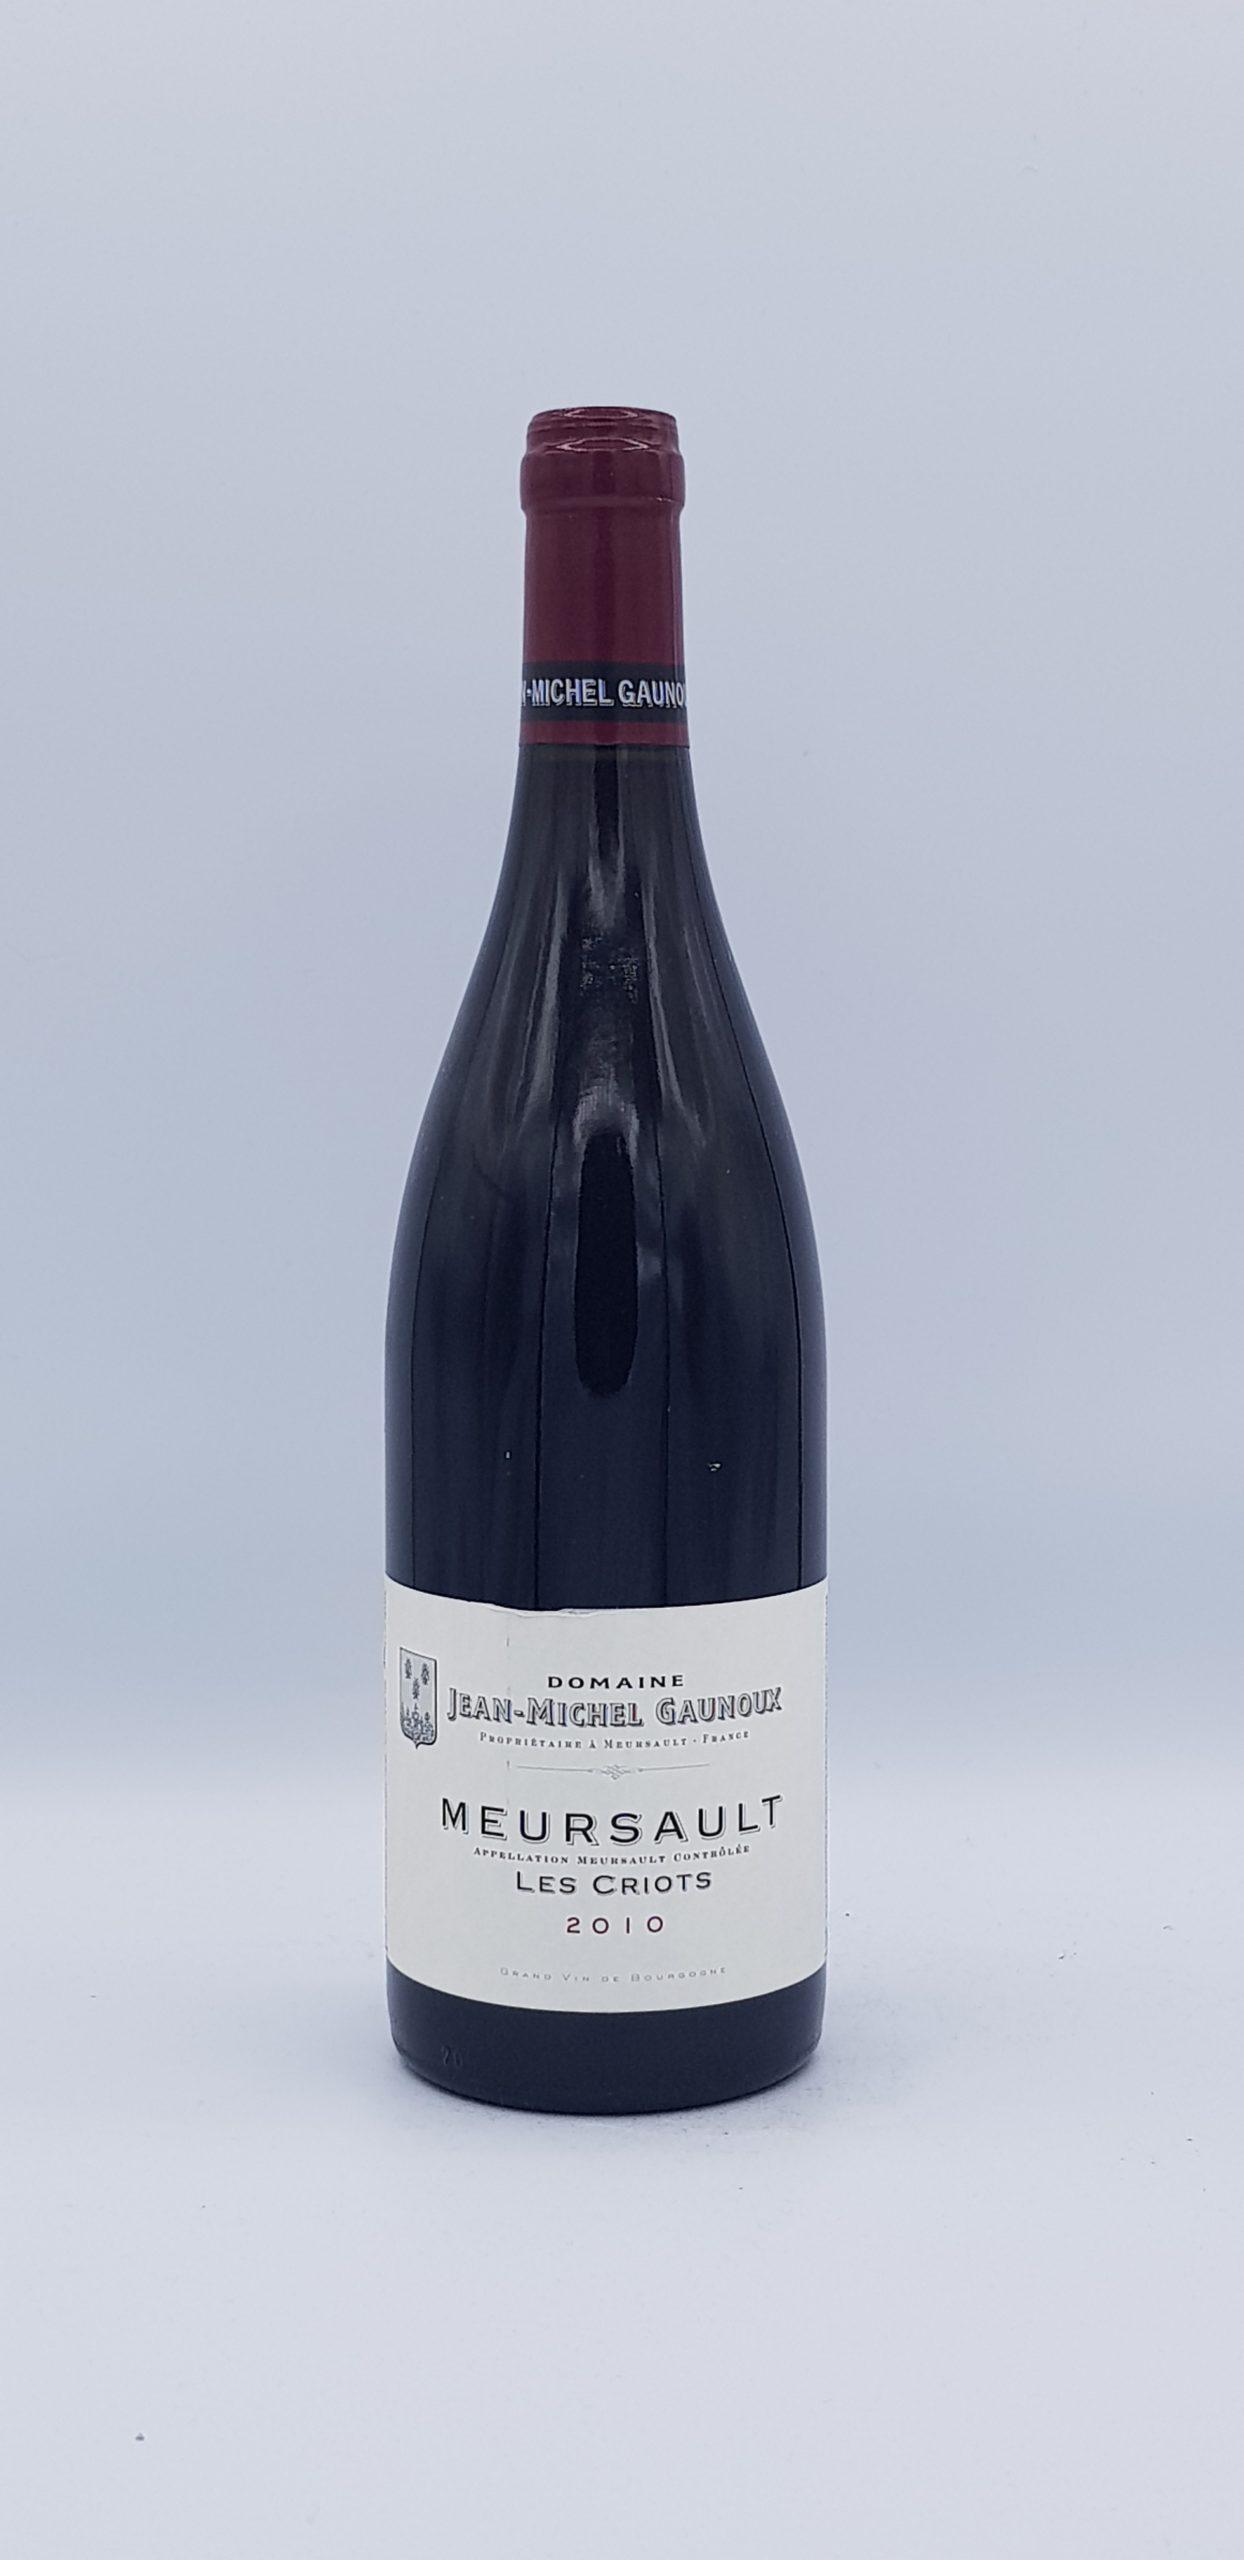 Meursault Les Criots 2010 Rouge